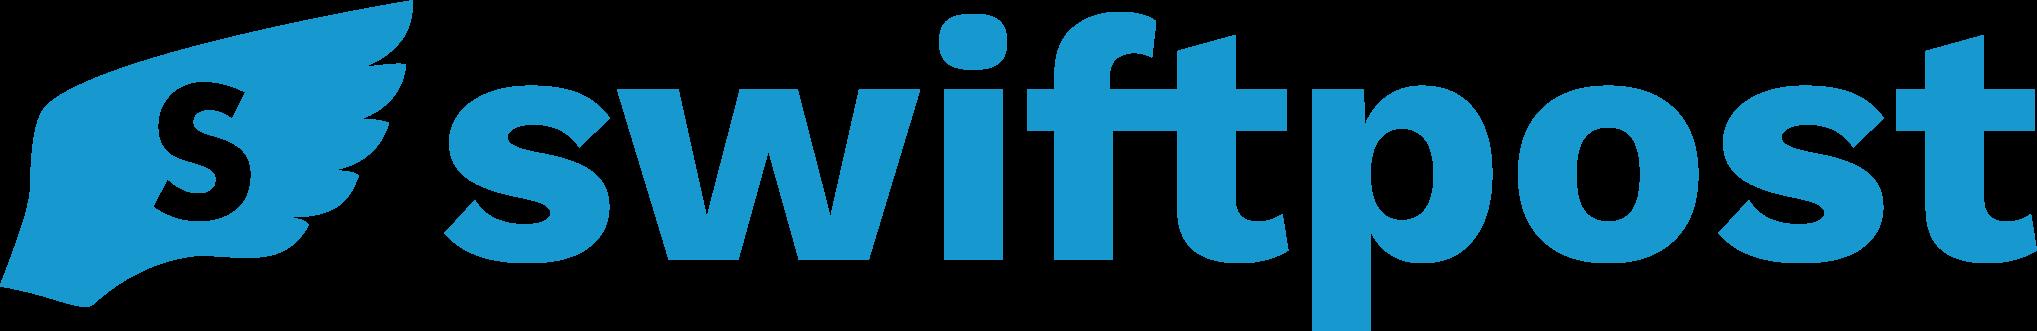 Swiftpost-Logo-Horizontal.png